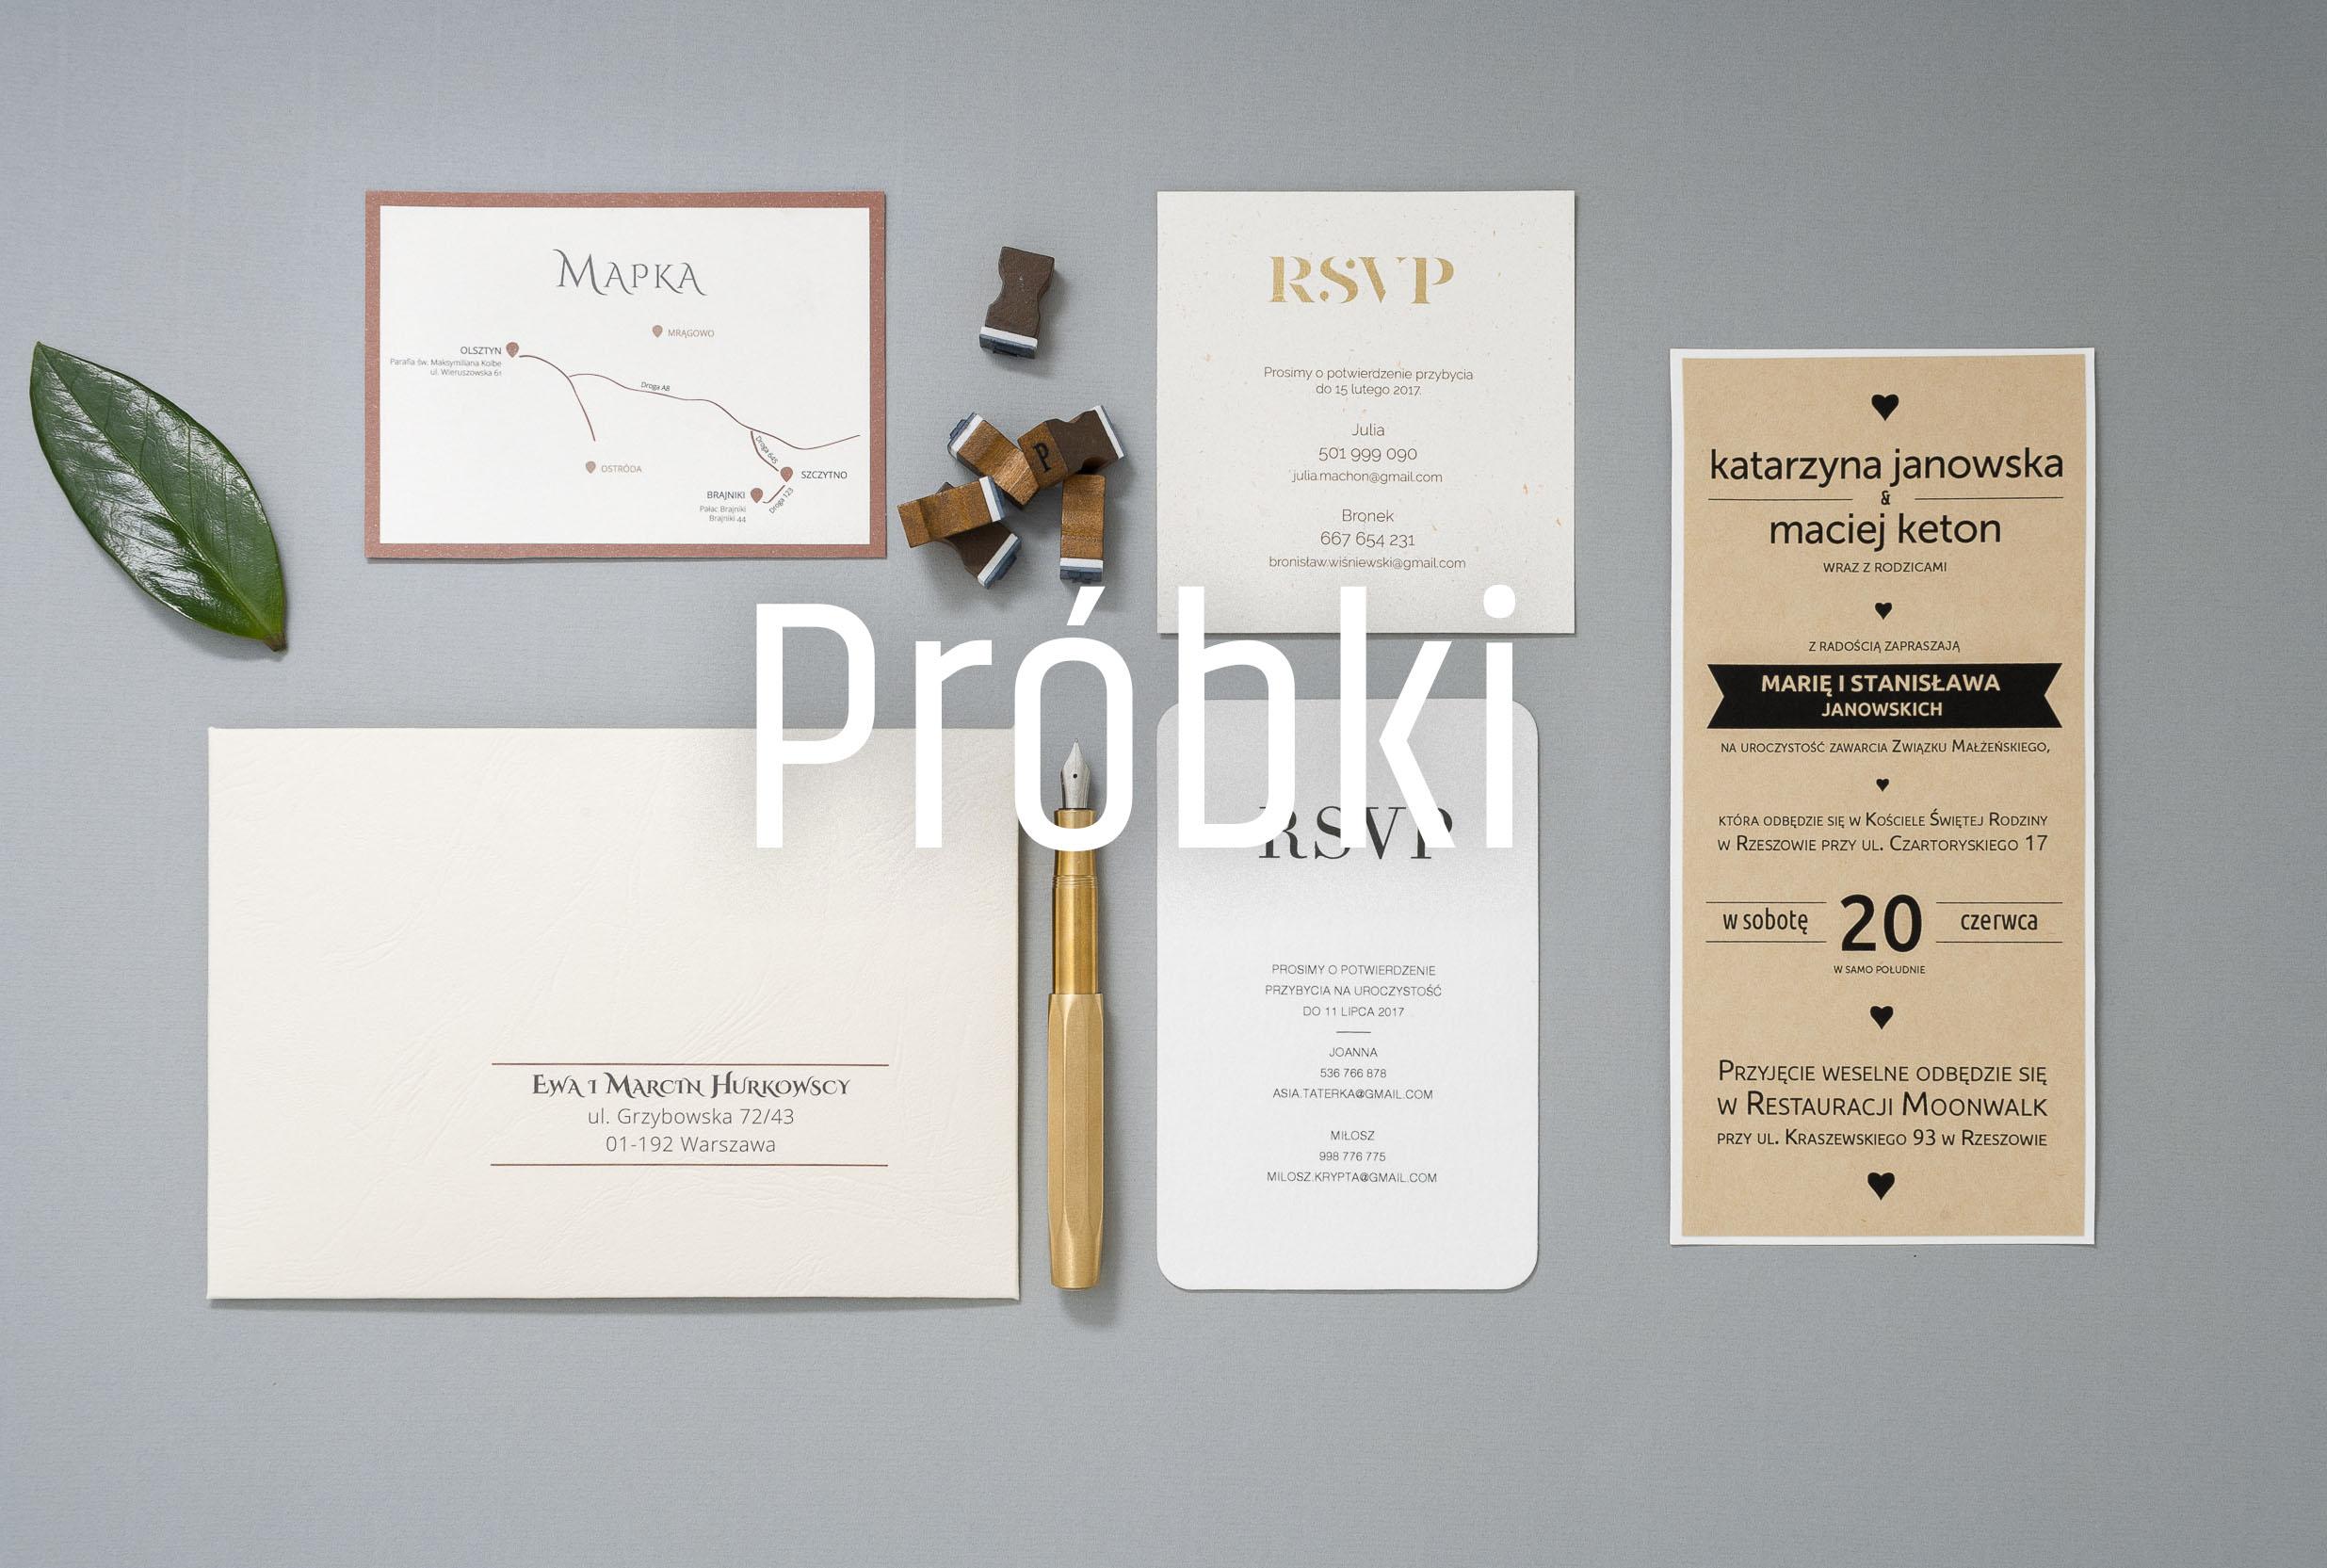 Zaproszenie ślubne  - zamów próbki